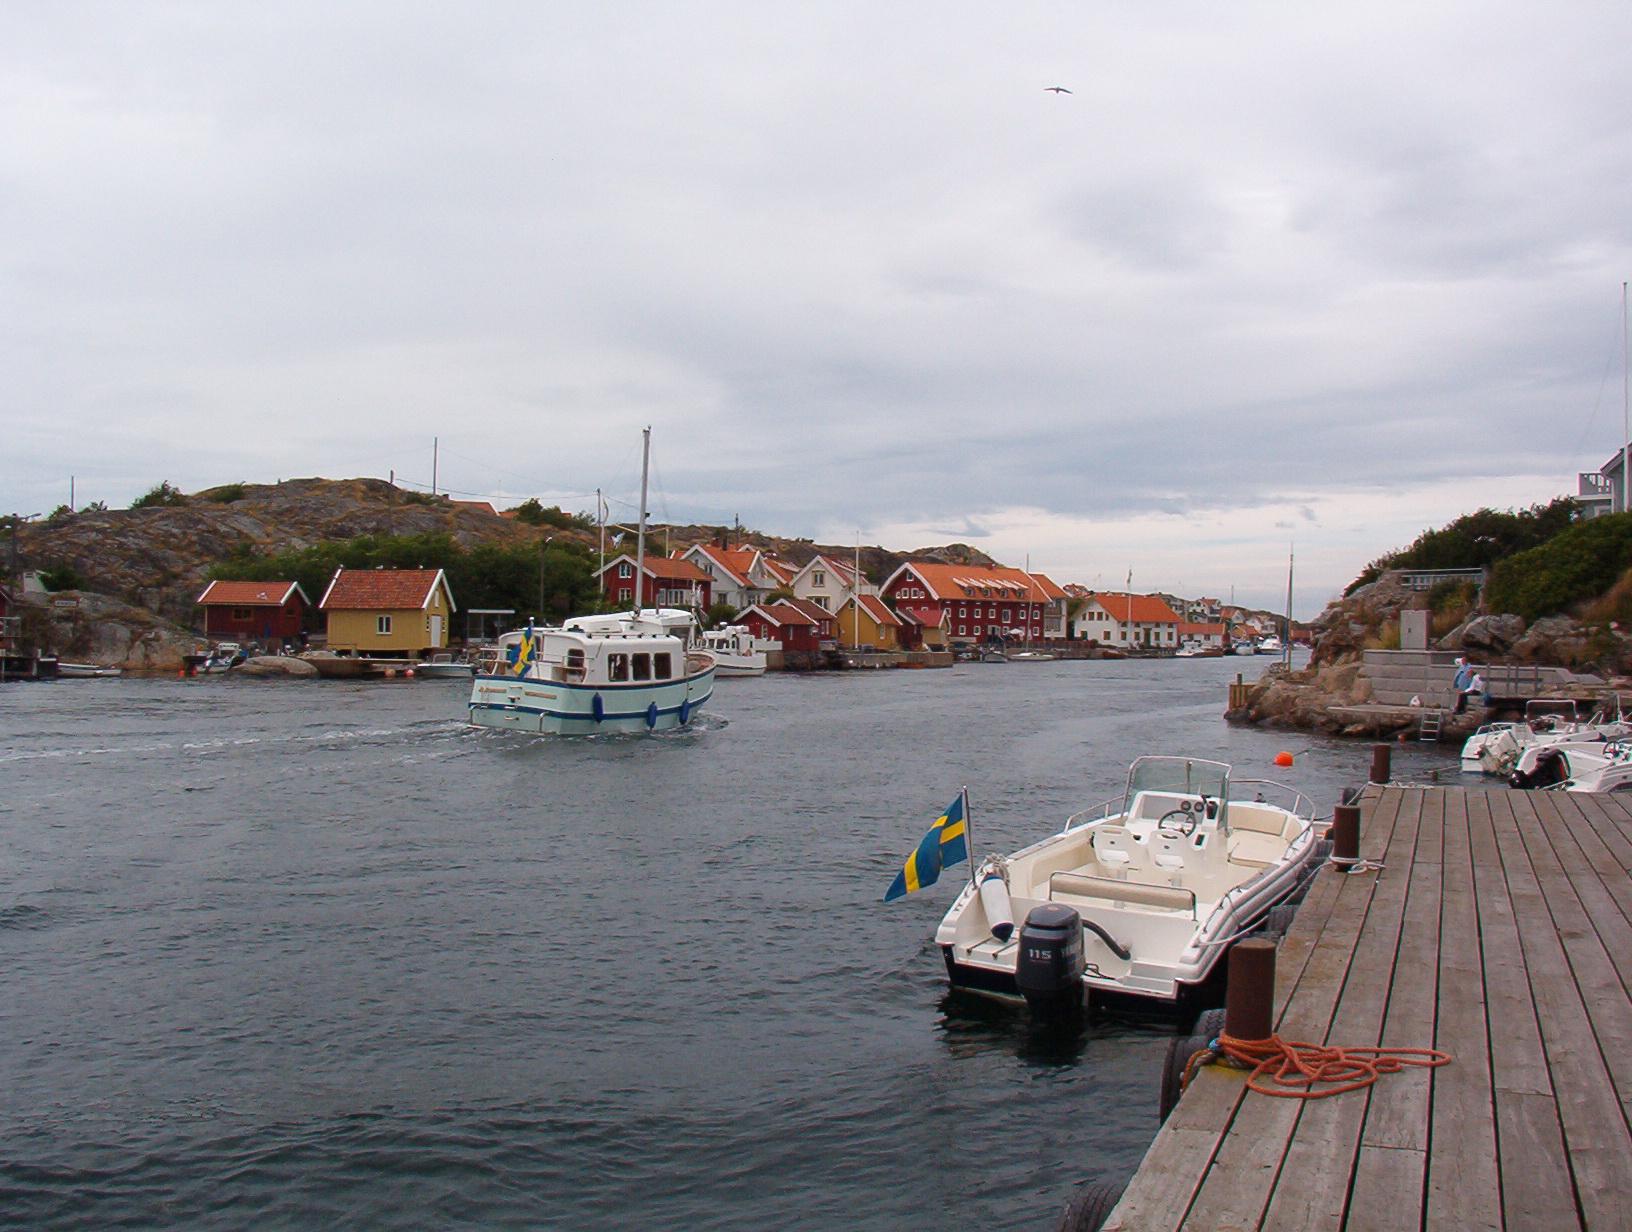 Tjrns BK, hst I - Svenska Bridgefrbundet